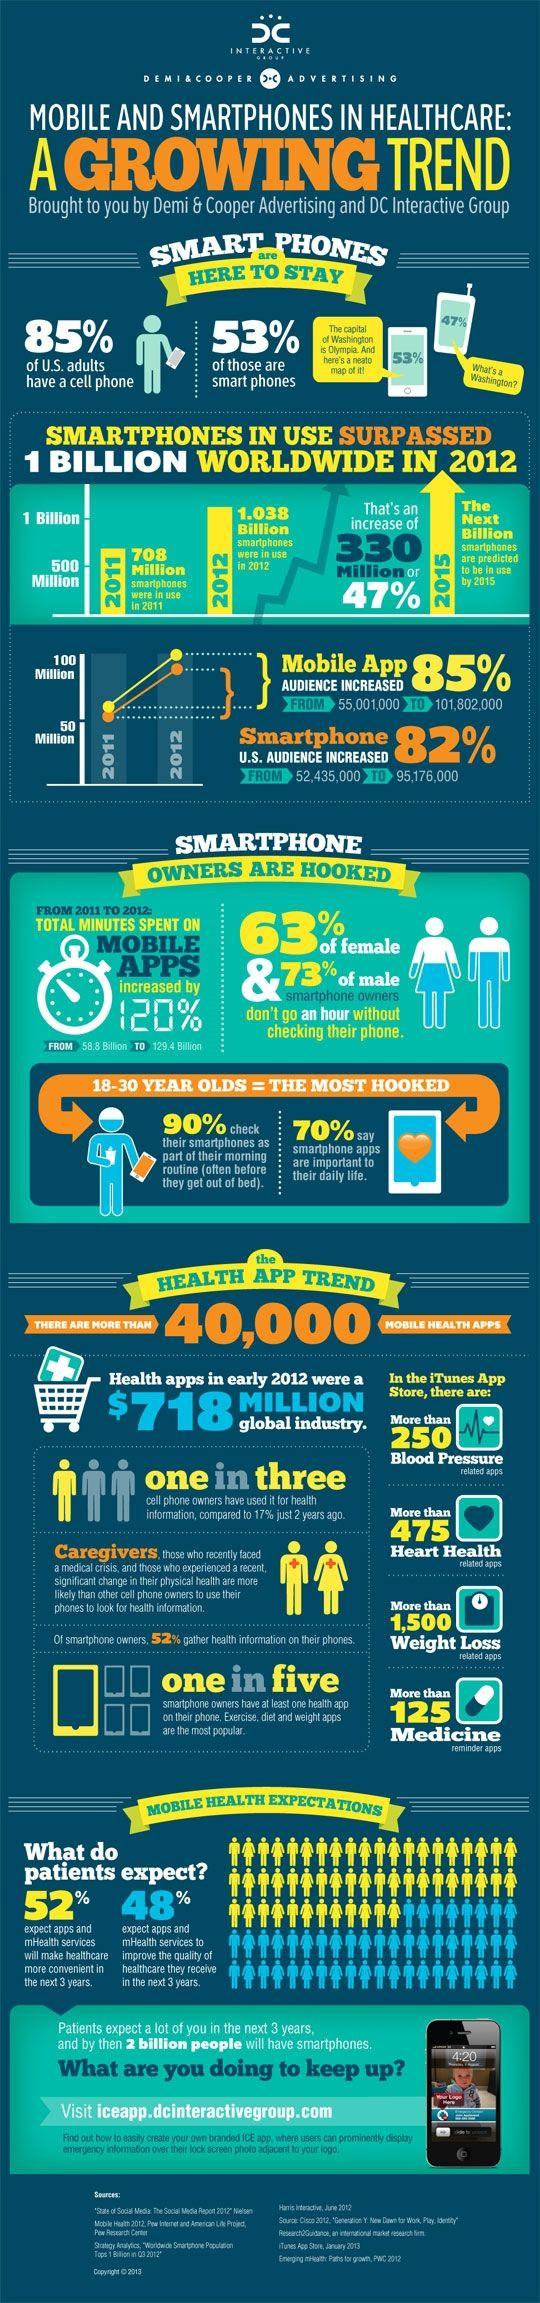 L'ús de mòbils en salut, una tendència creixent #smartphones #mHealth #trend #ehealth #digitalhealth #healthcareit